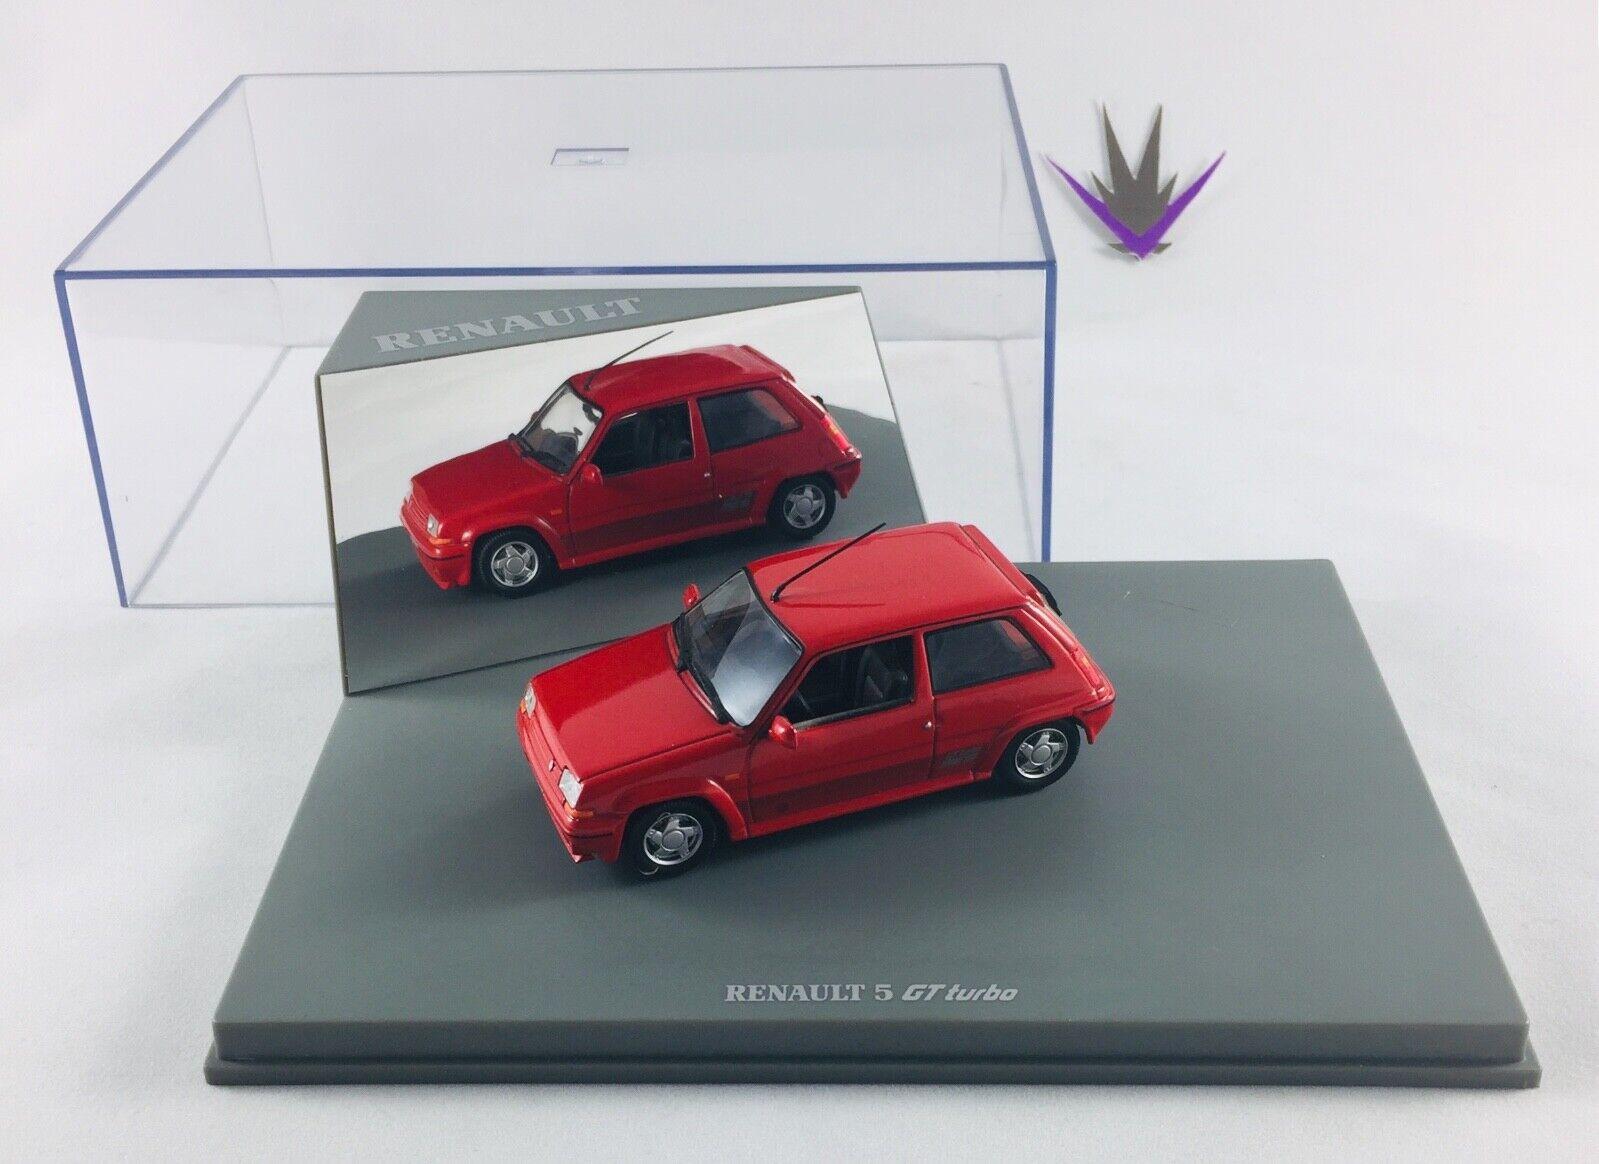 almacén al por mayor Universal Hobbies Renault 5 GT Turbo 1 43    manque totem Renault sur le socle  buen precio